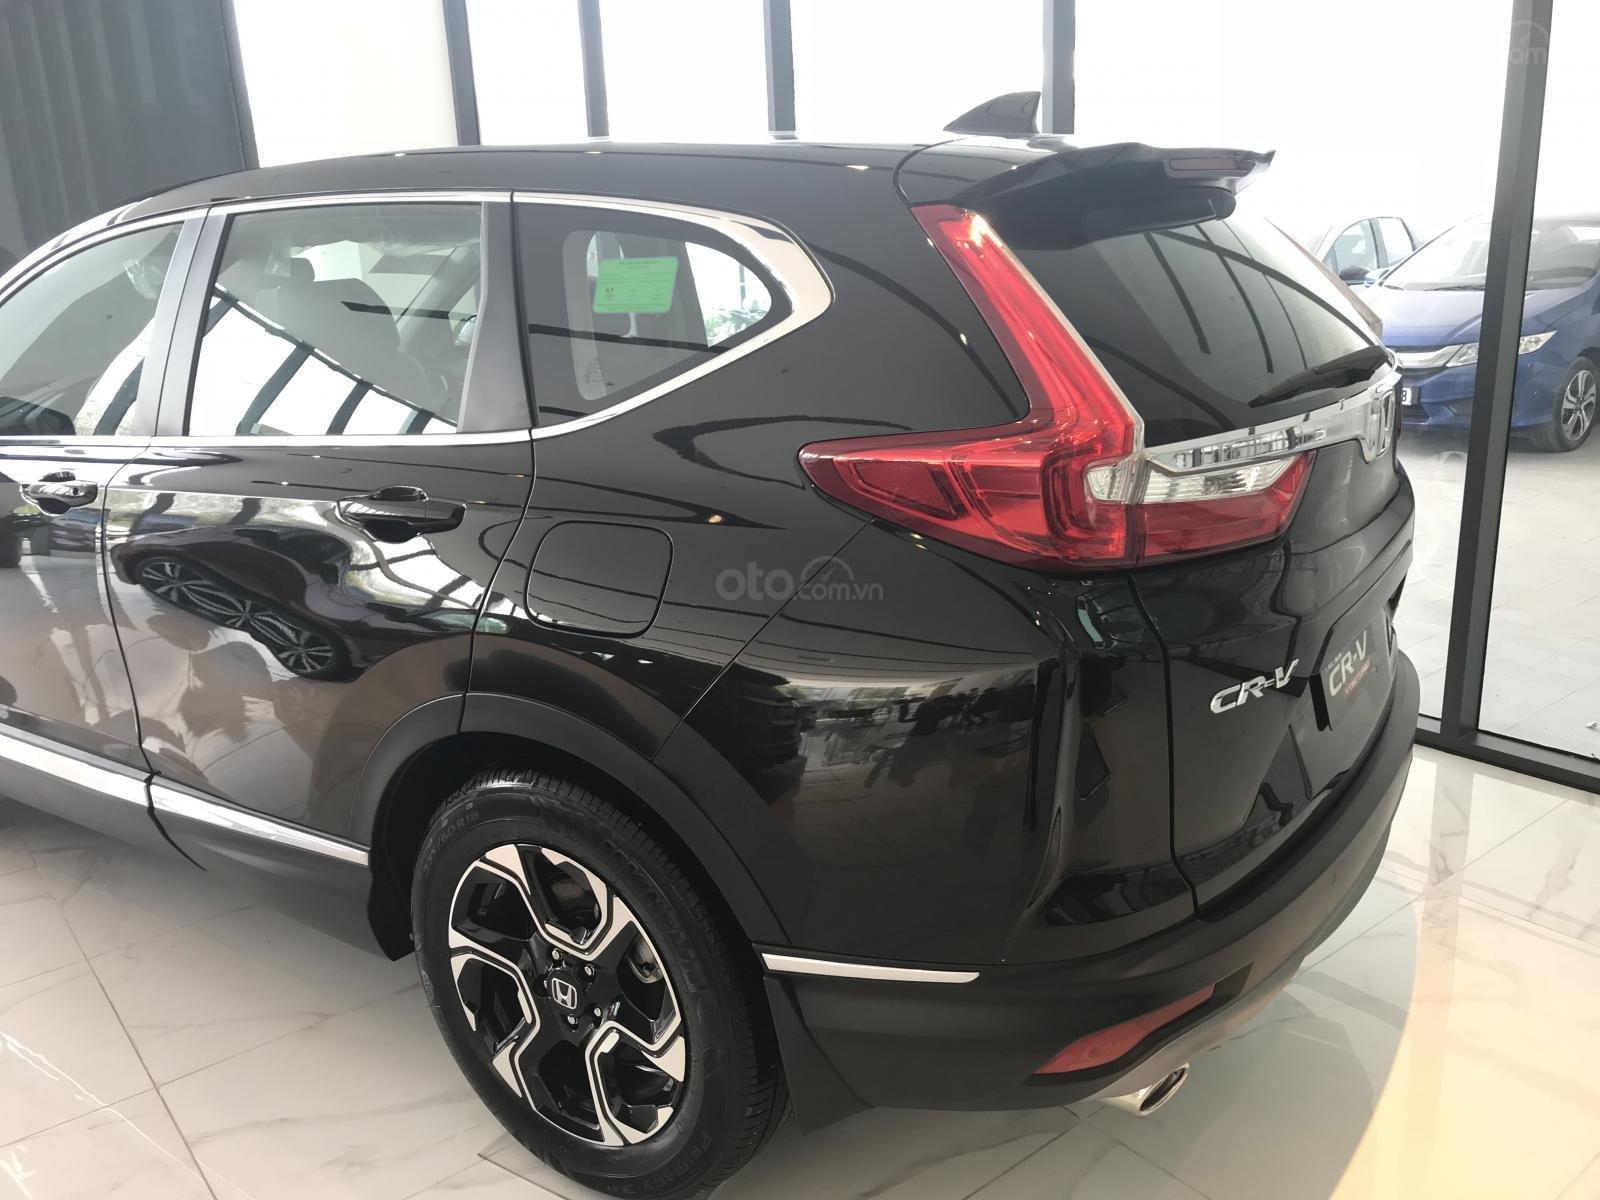 Honda CRV L đen - mới 100%, xe giao tháng 5, LH 0909.615.944 để nhận báo giá tốt nhất-4